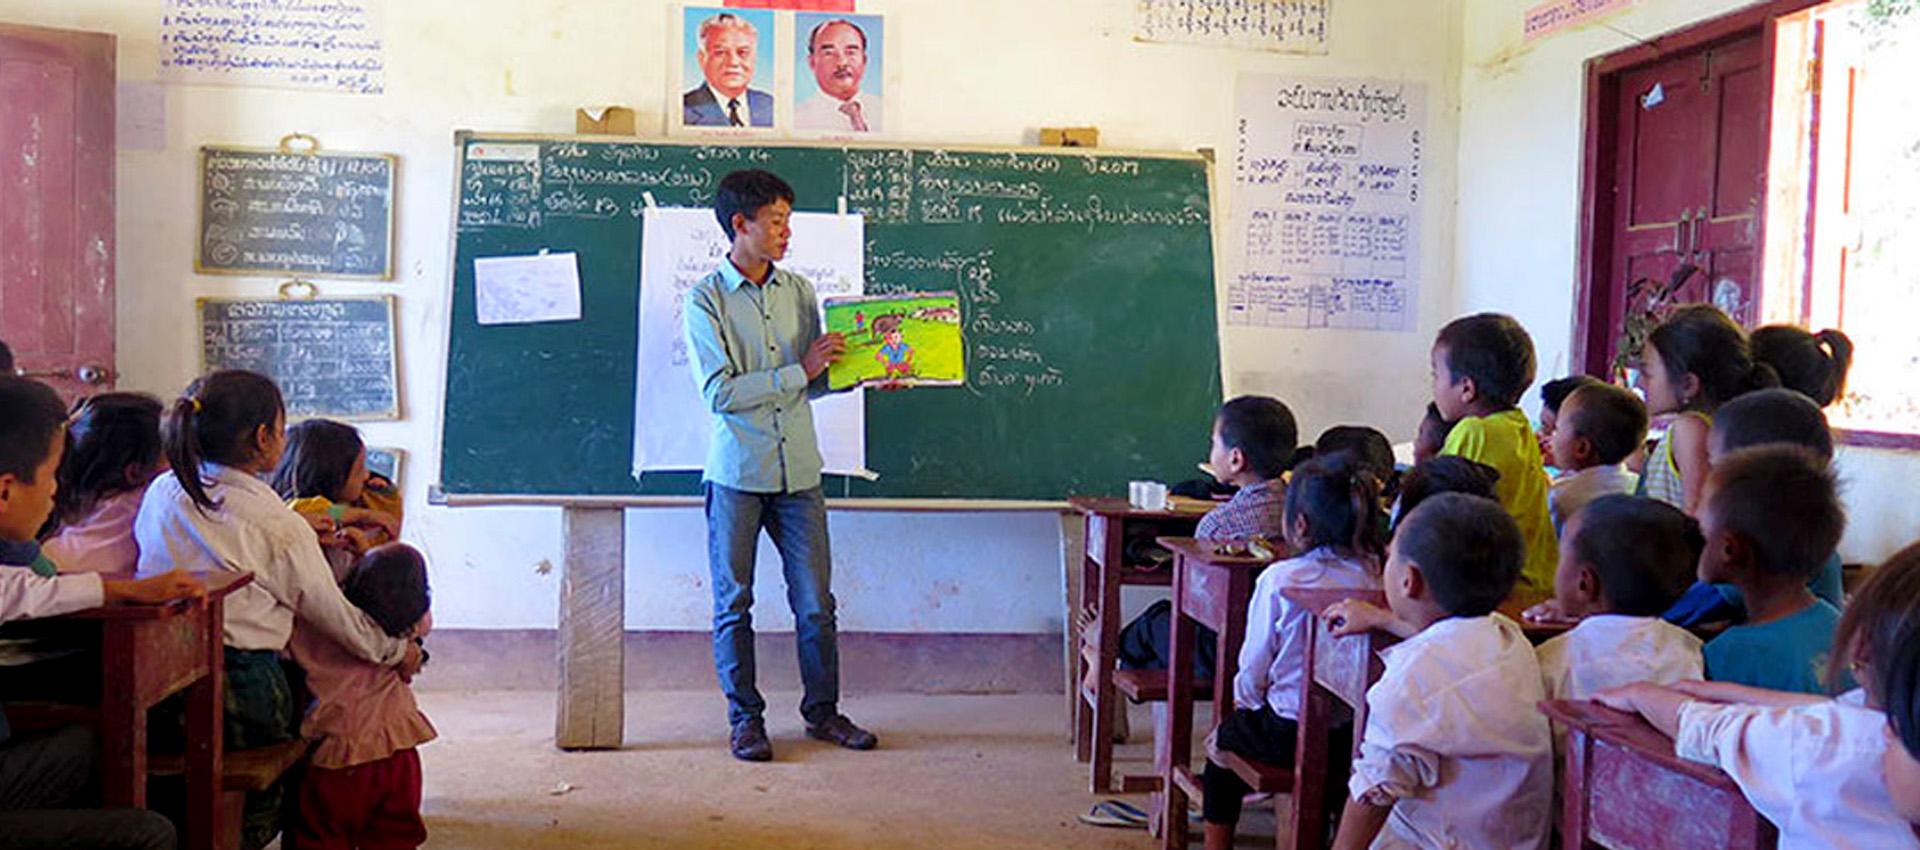 Somai besöker skolor med sagor och berättelser som handlar om det egna folket, Rshi.